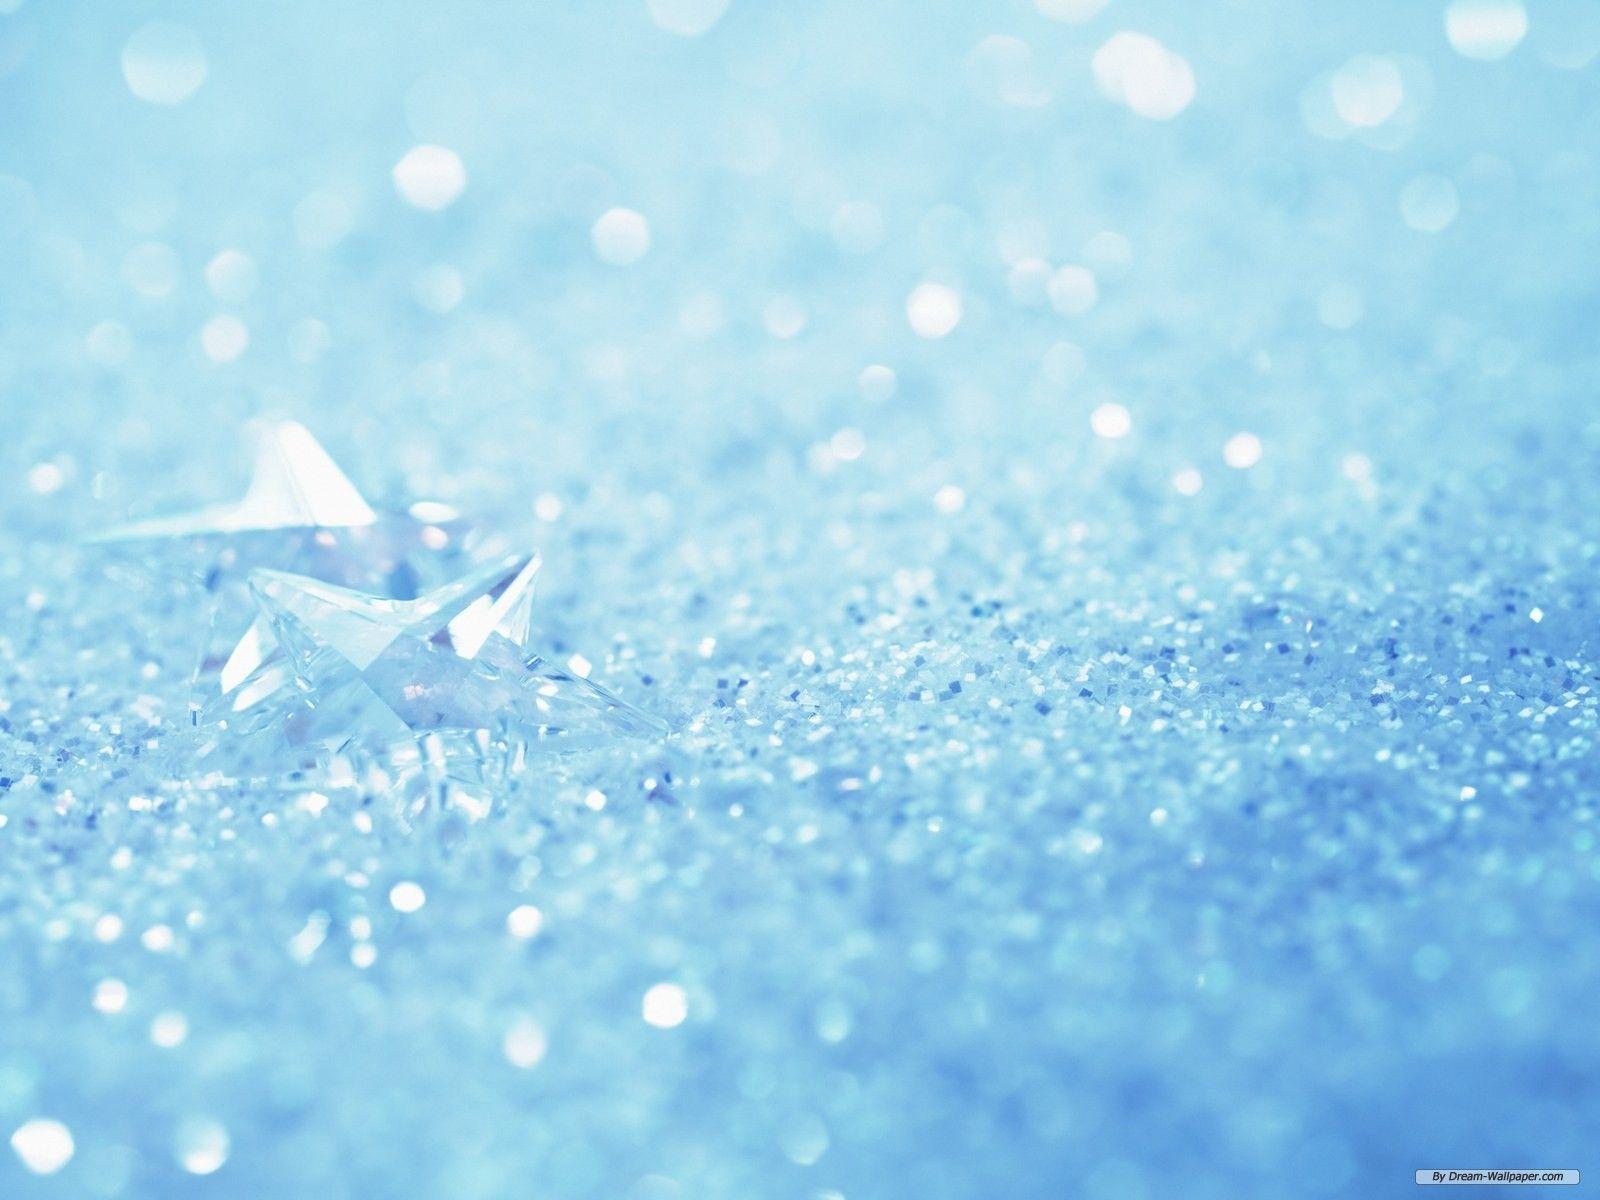 white diamond background - photo #28